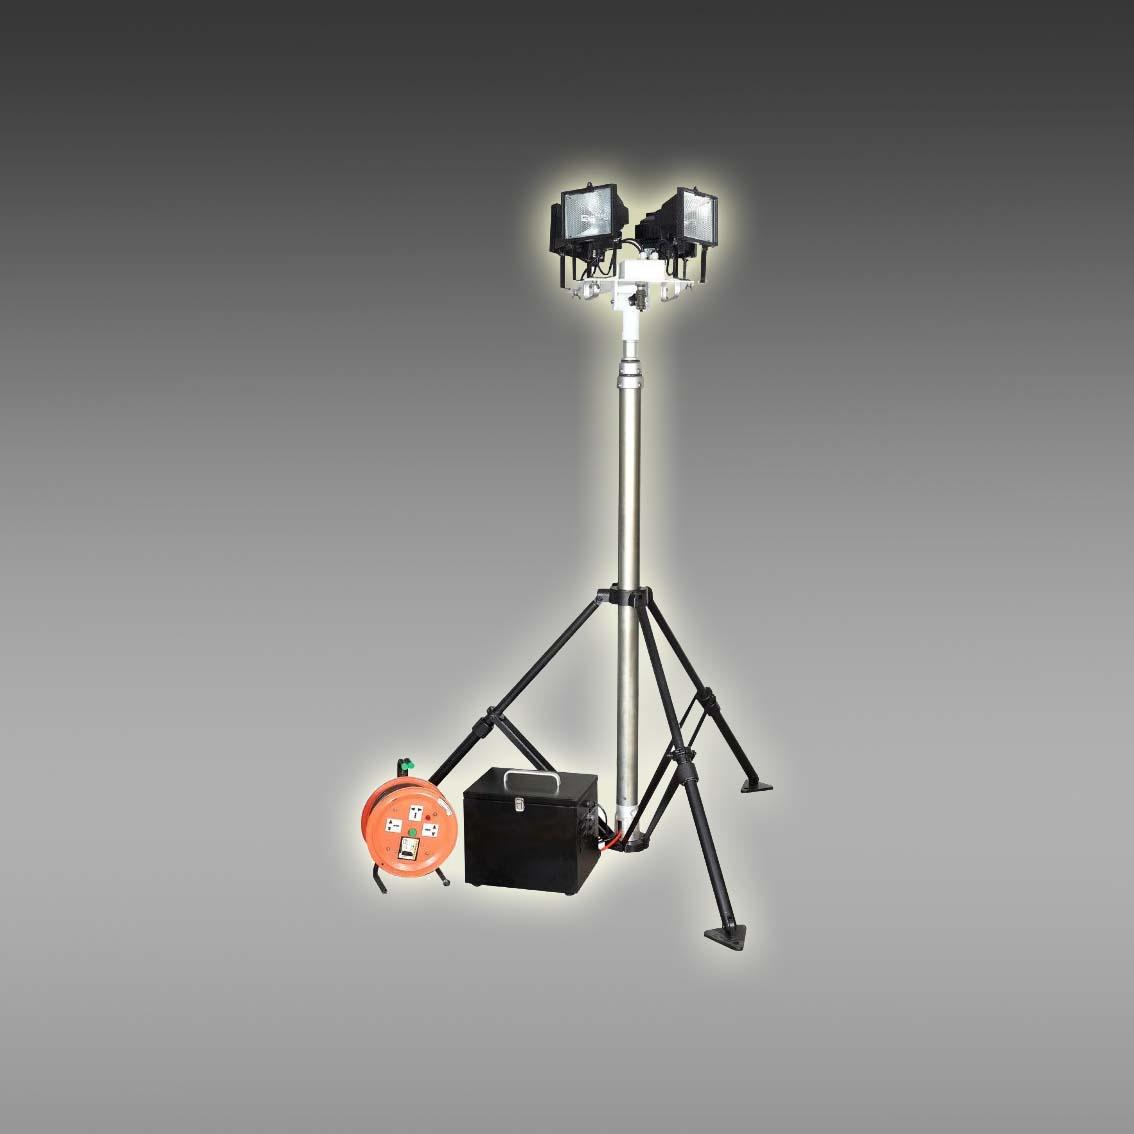 全方位遥控自动升降泛光灯 YDM5310